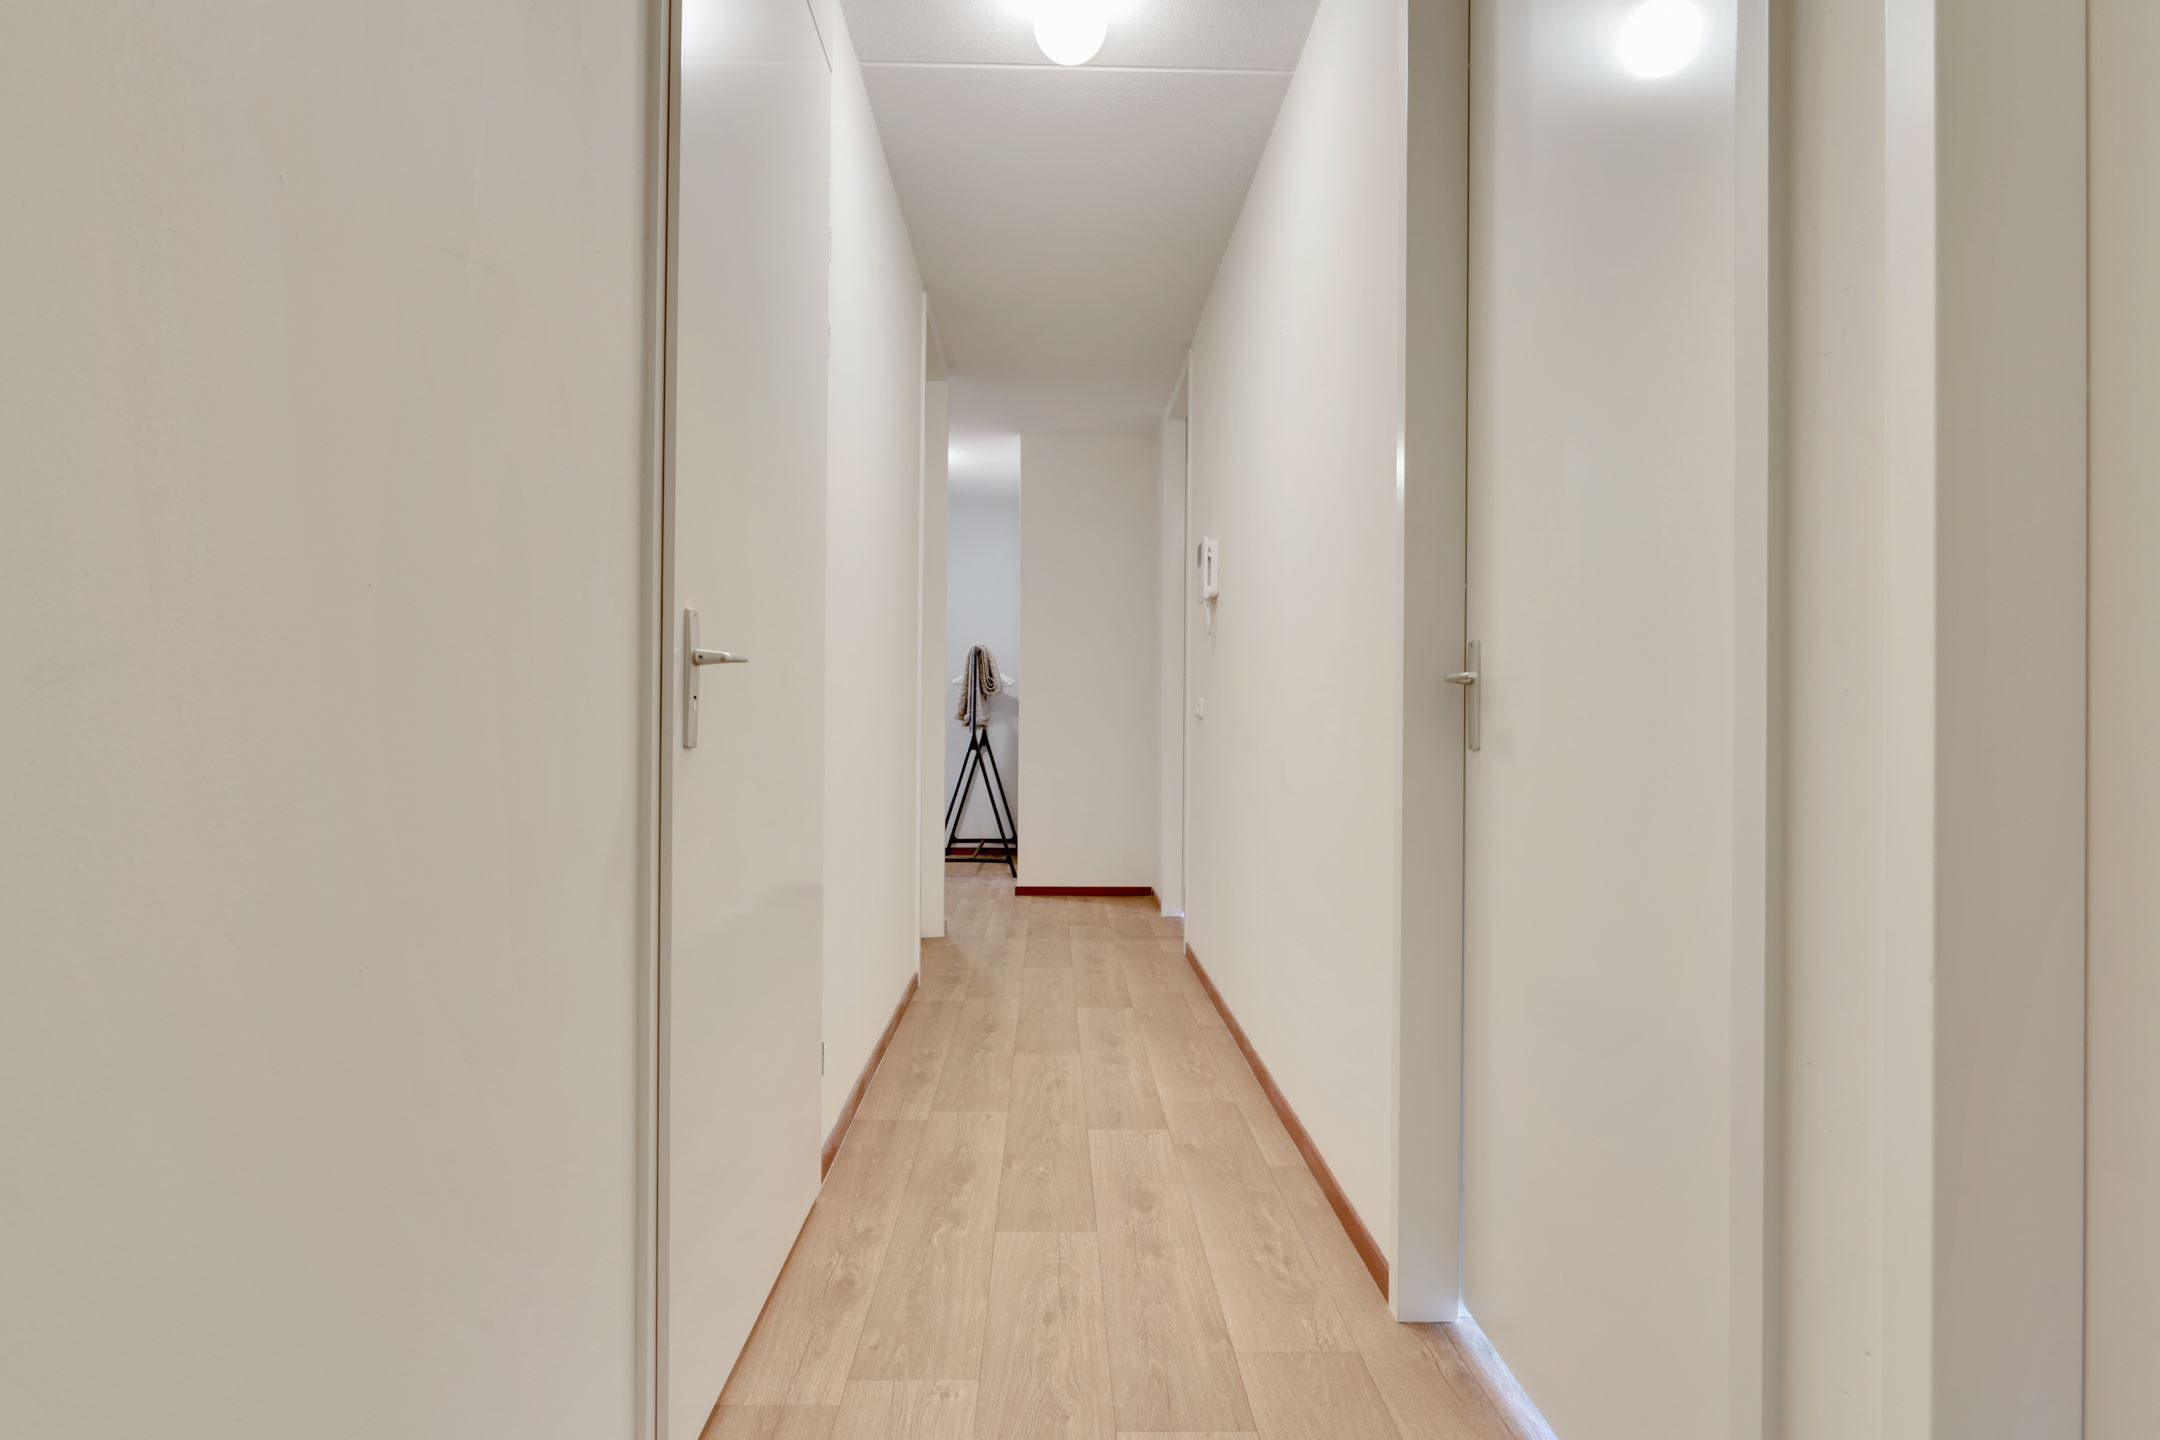 Appartement te koop: de markt 395 2931 ec krimpen aan de lek [funda]